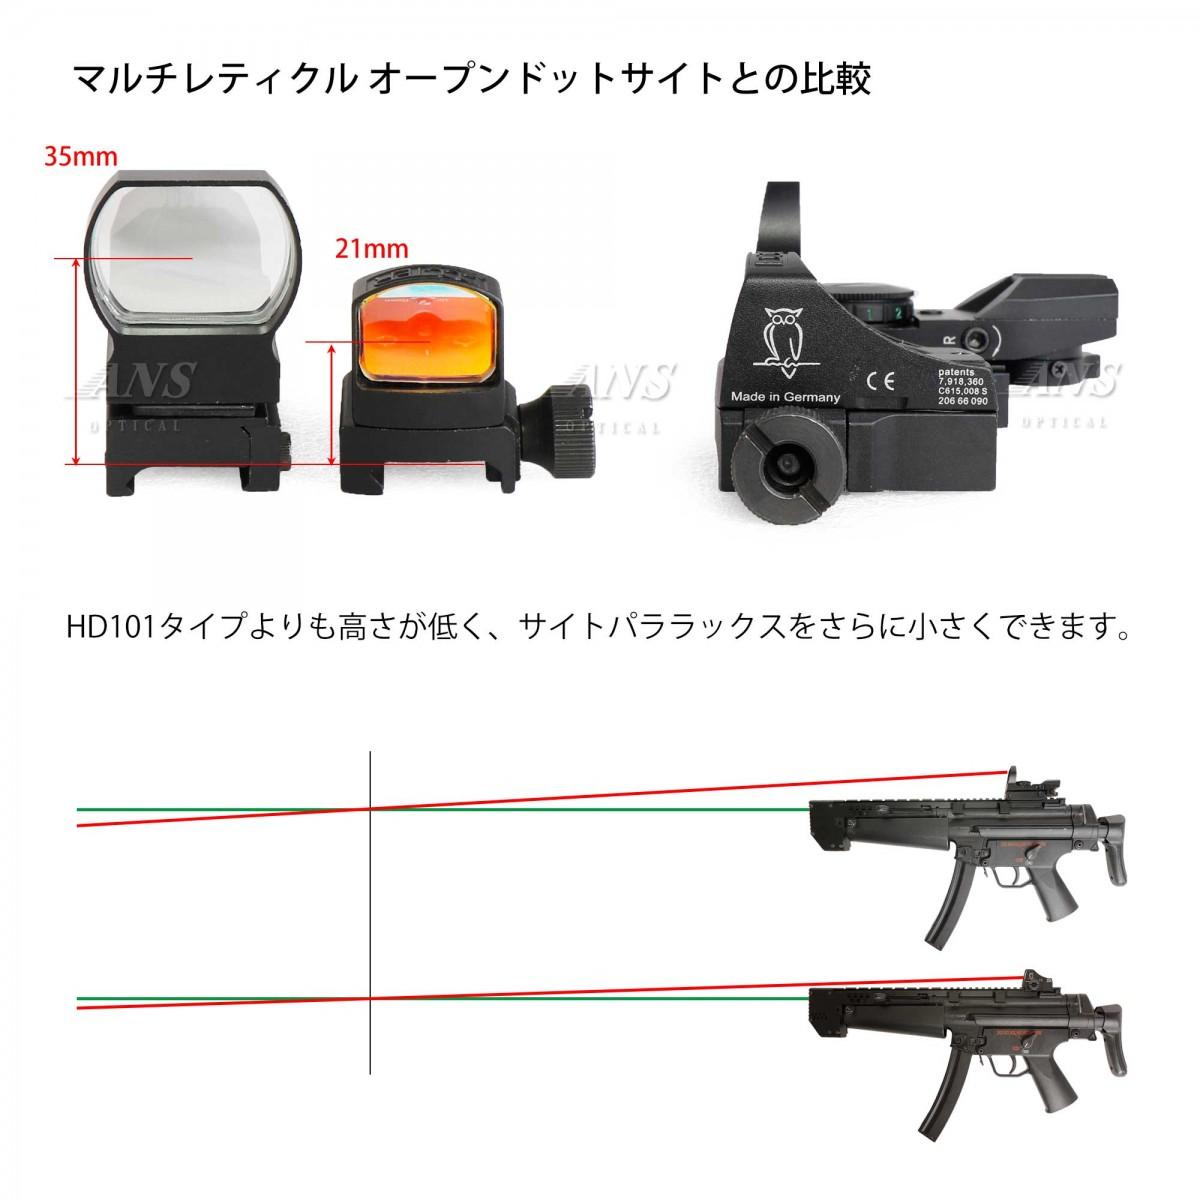 DOCTERタイプ マイクロ ドットサイト 赤点灯 (AUTO自動調光) 刻印入り コンパクト BK ブラック